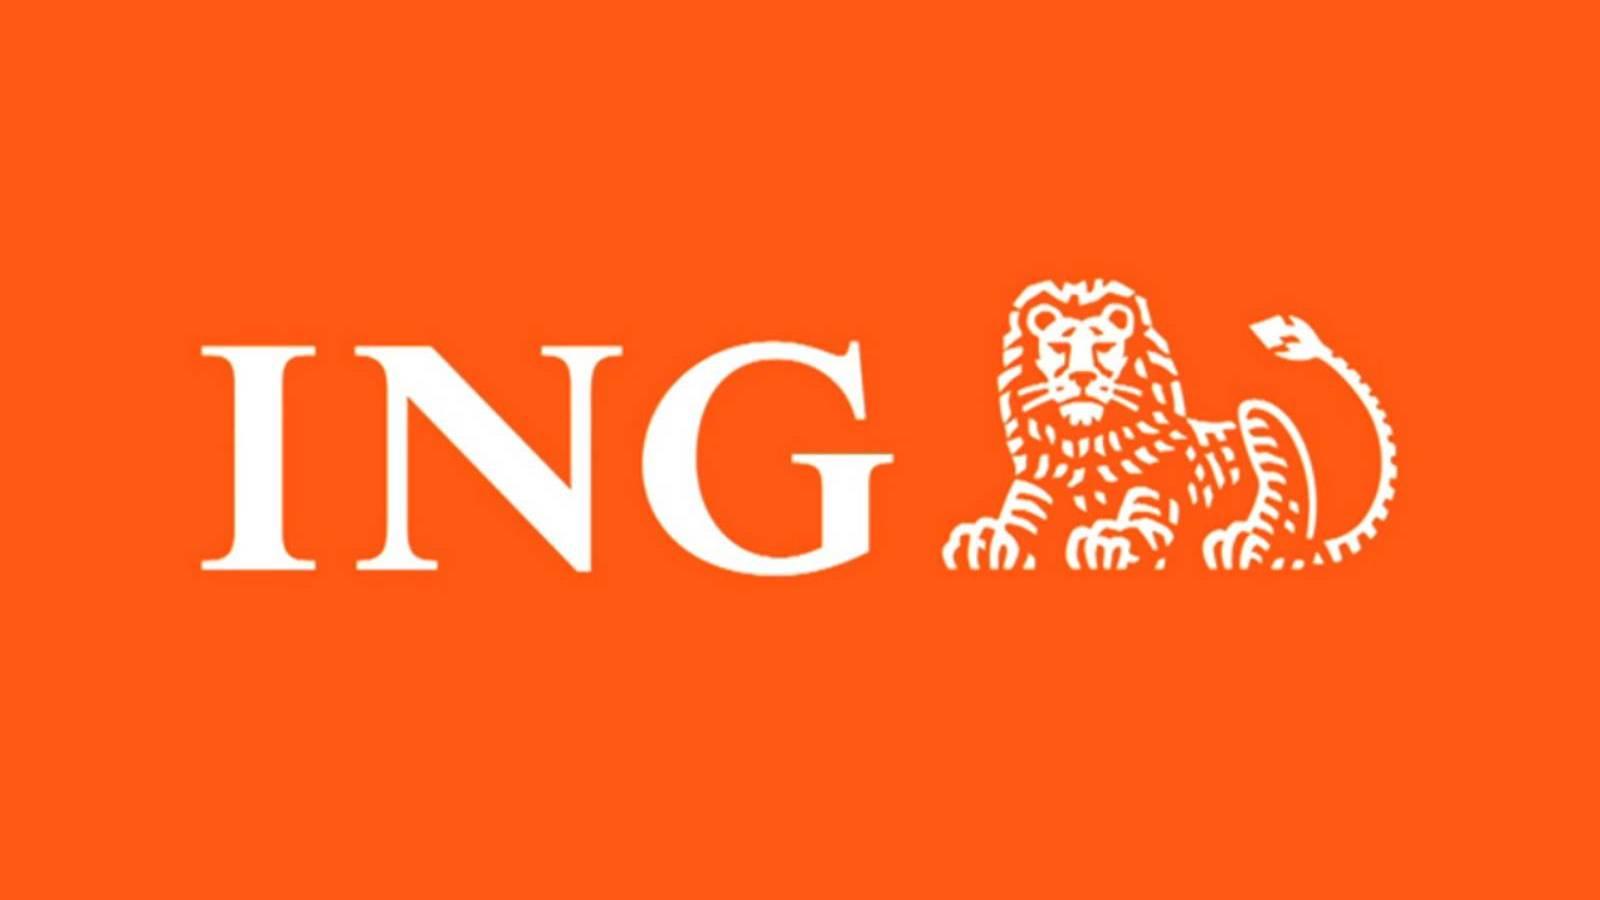 ING Bank utilitati